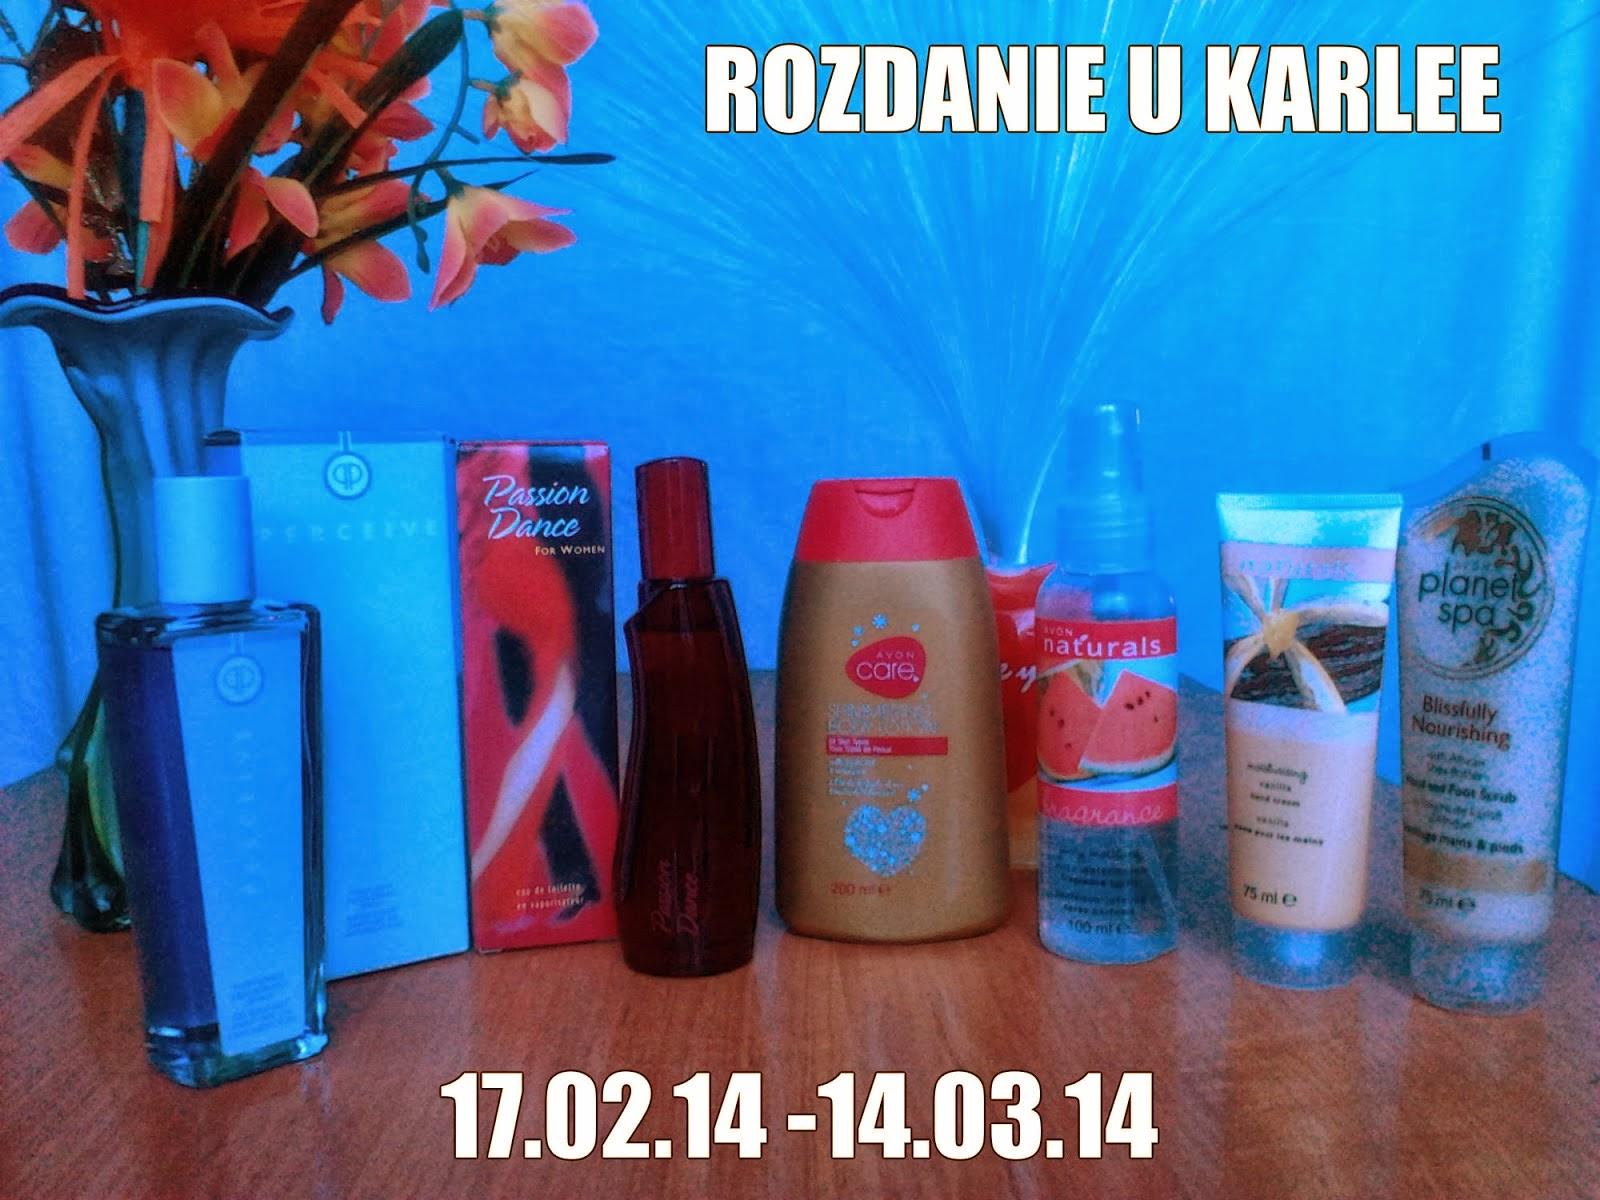 Karlee 14.03